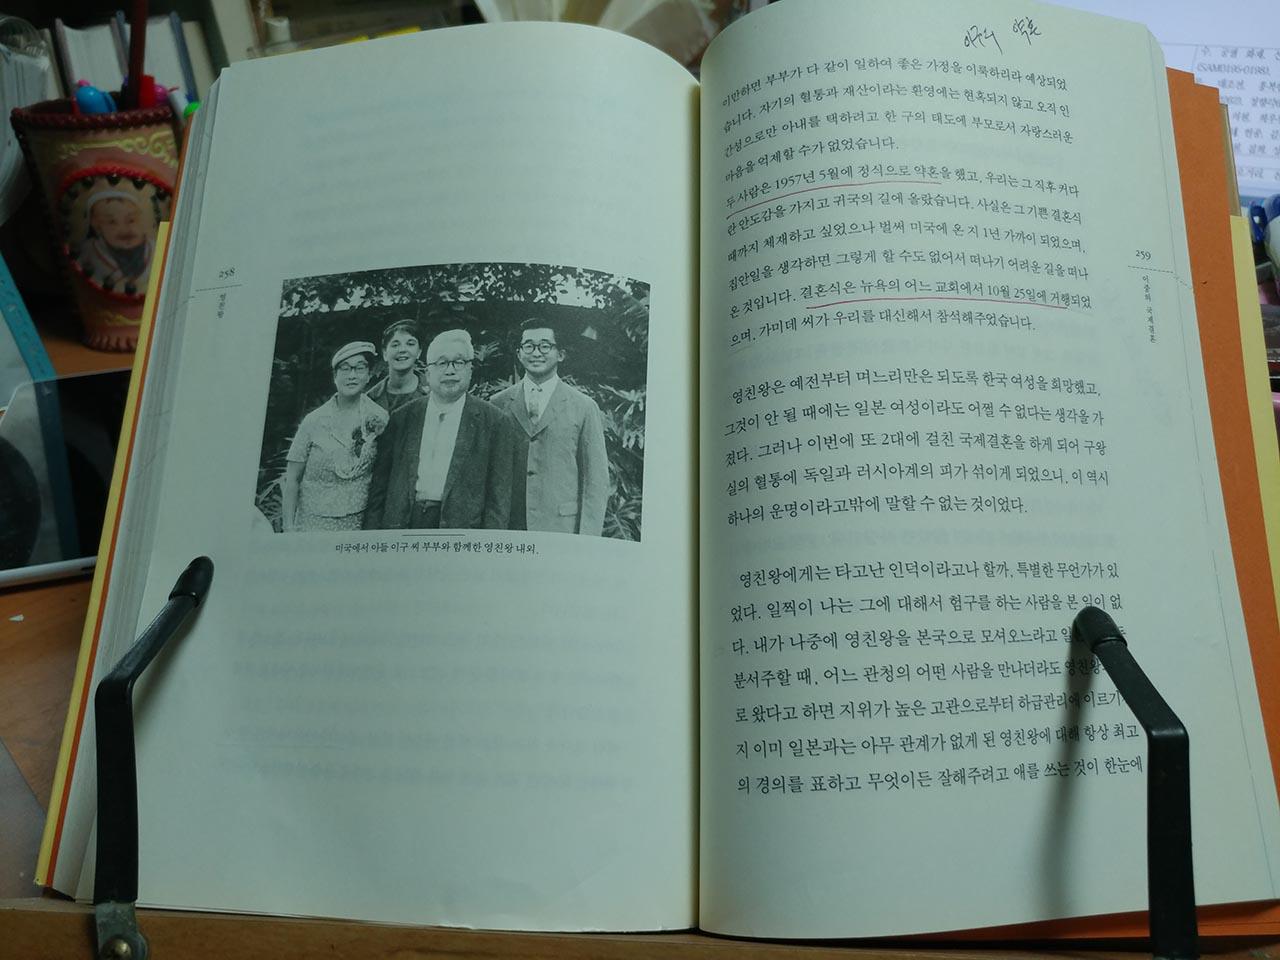 <조선의 마지막 황태자 영친왕>에 실린 영친왕 부부 및 줄리아·이구 부부의 사진.